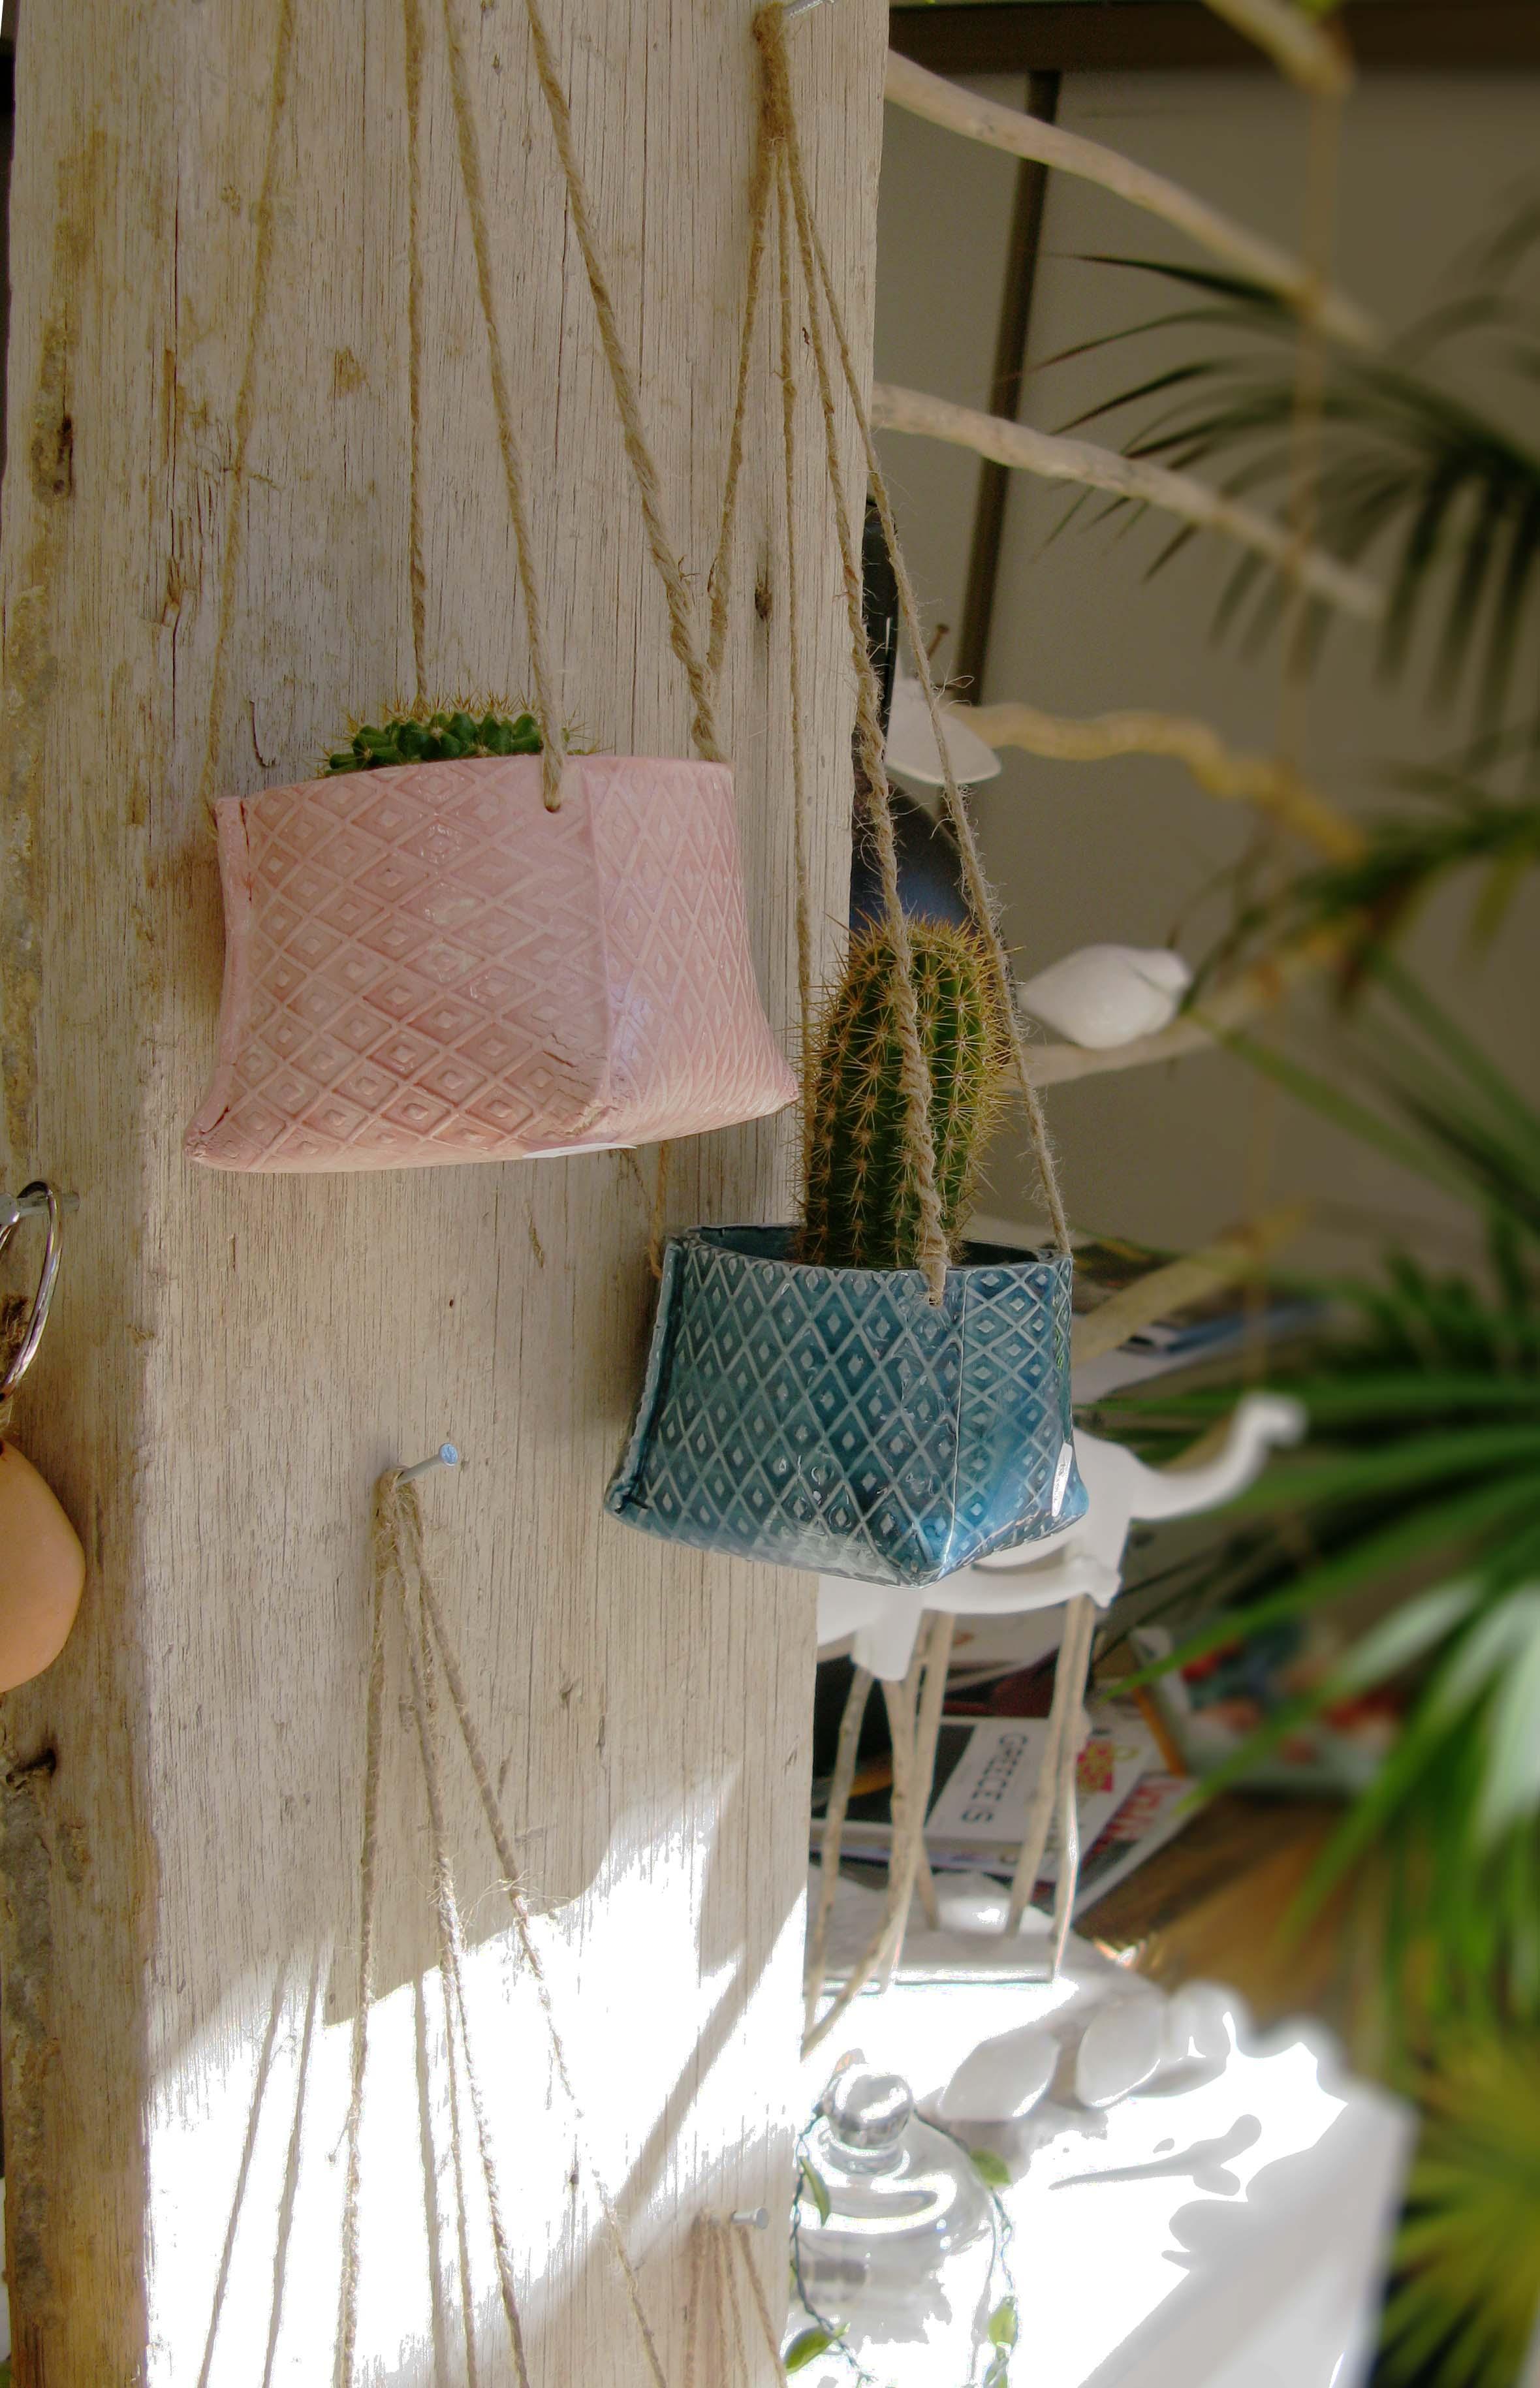 vases cactus